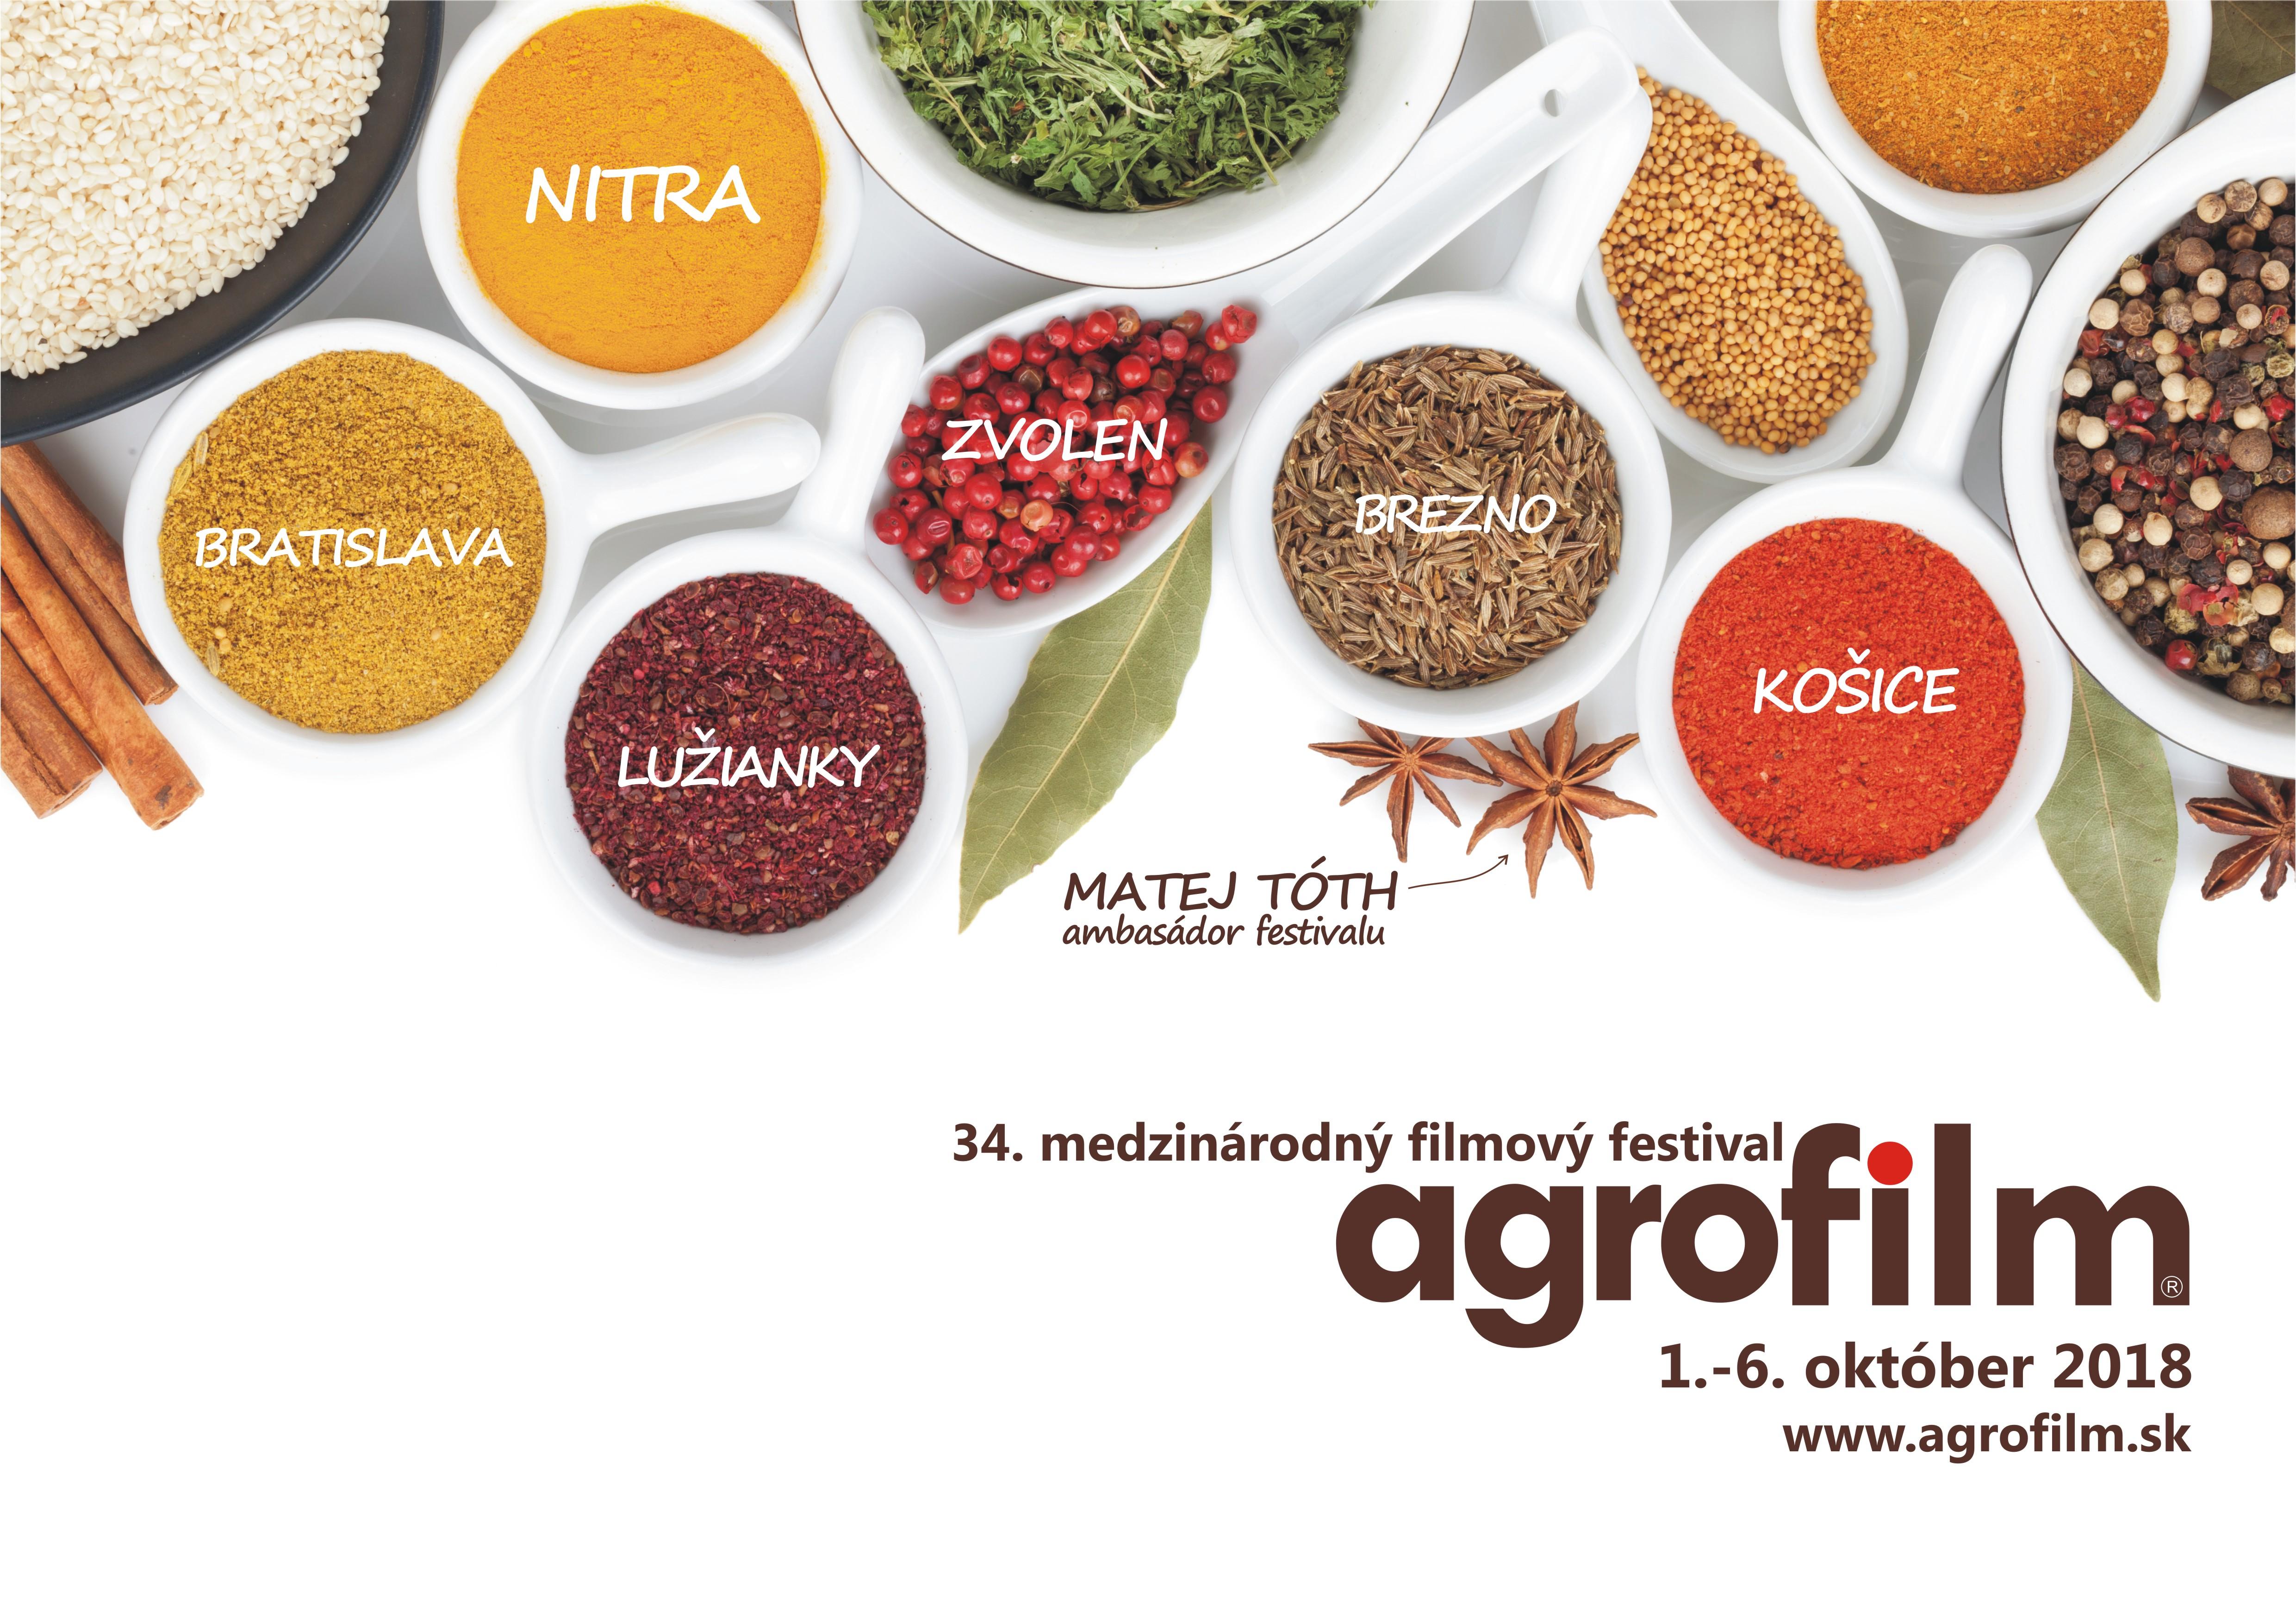 Agrofilm